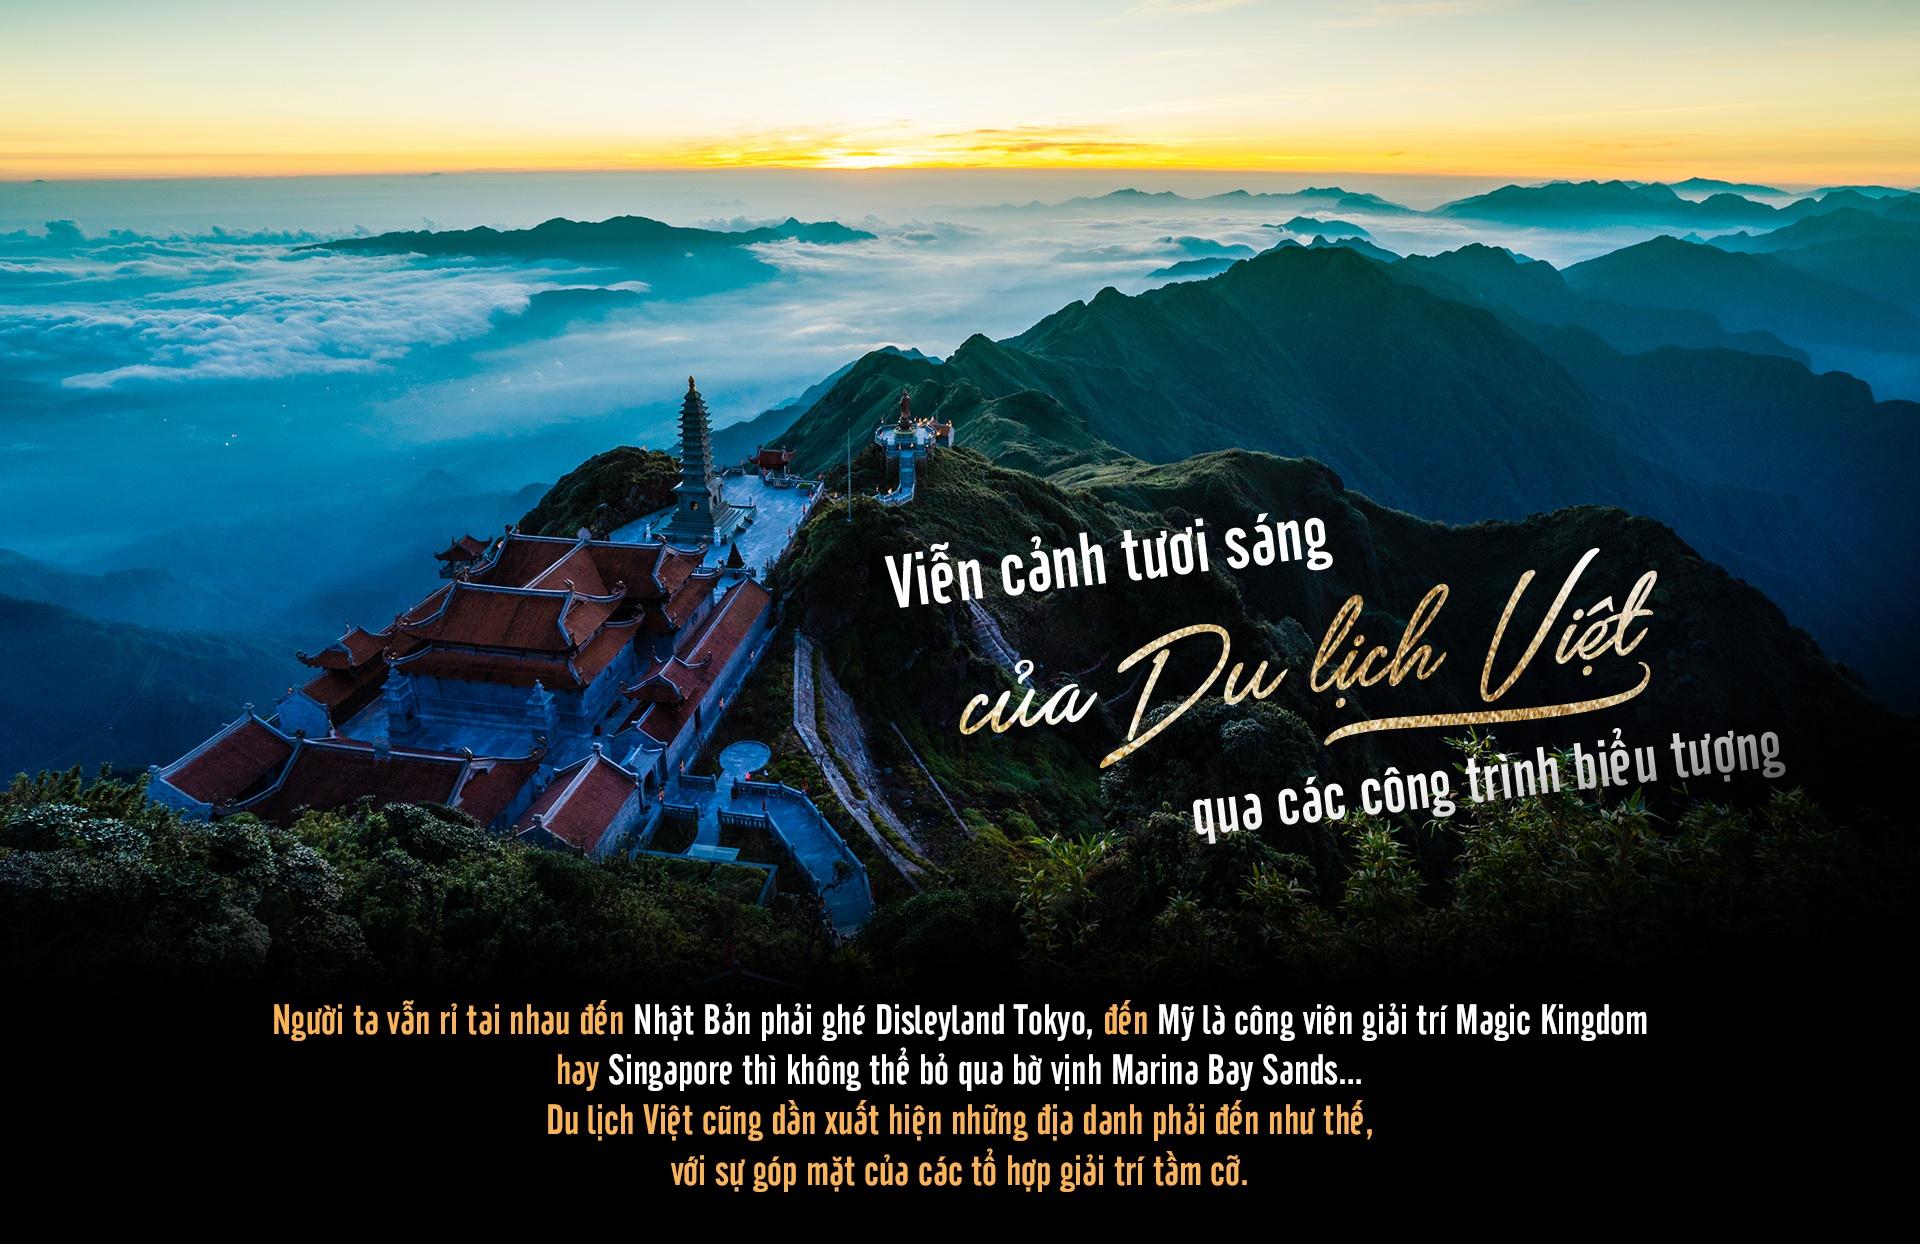 Vien canh tuoi sang cua du lich Viet qua cac cong trinh bieu tuong hinh anh 2  - Cover_final - Viễn cảnh tươi sáng của du lịch Việt qua các công trình biểu tượng